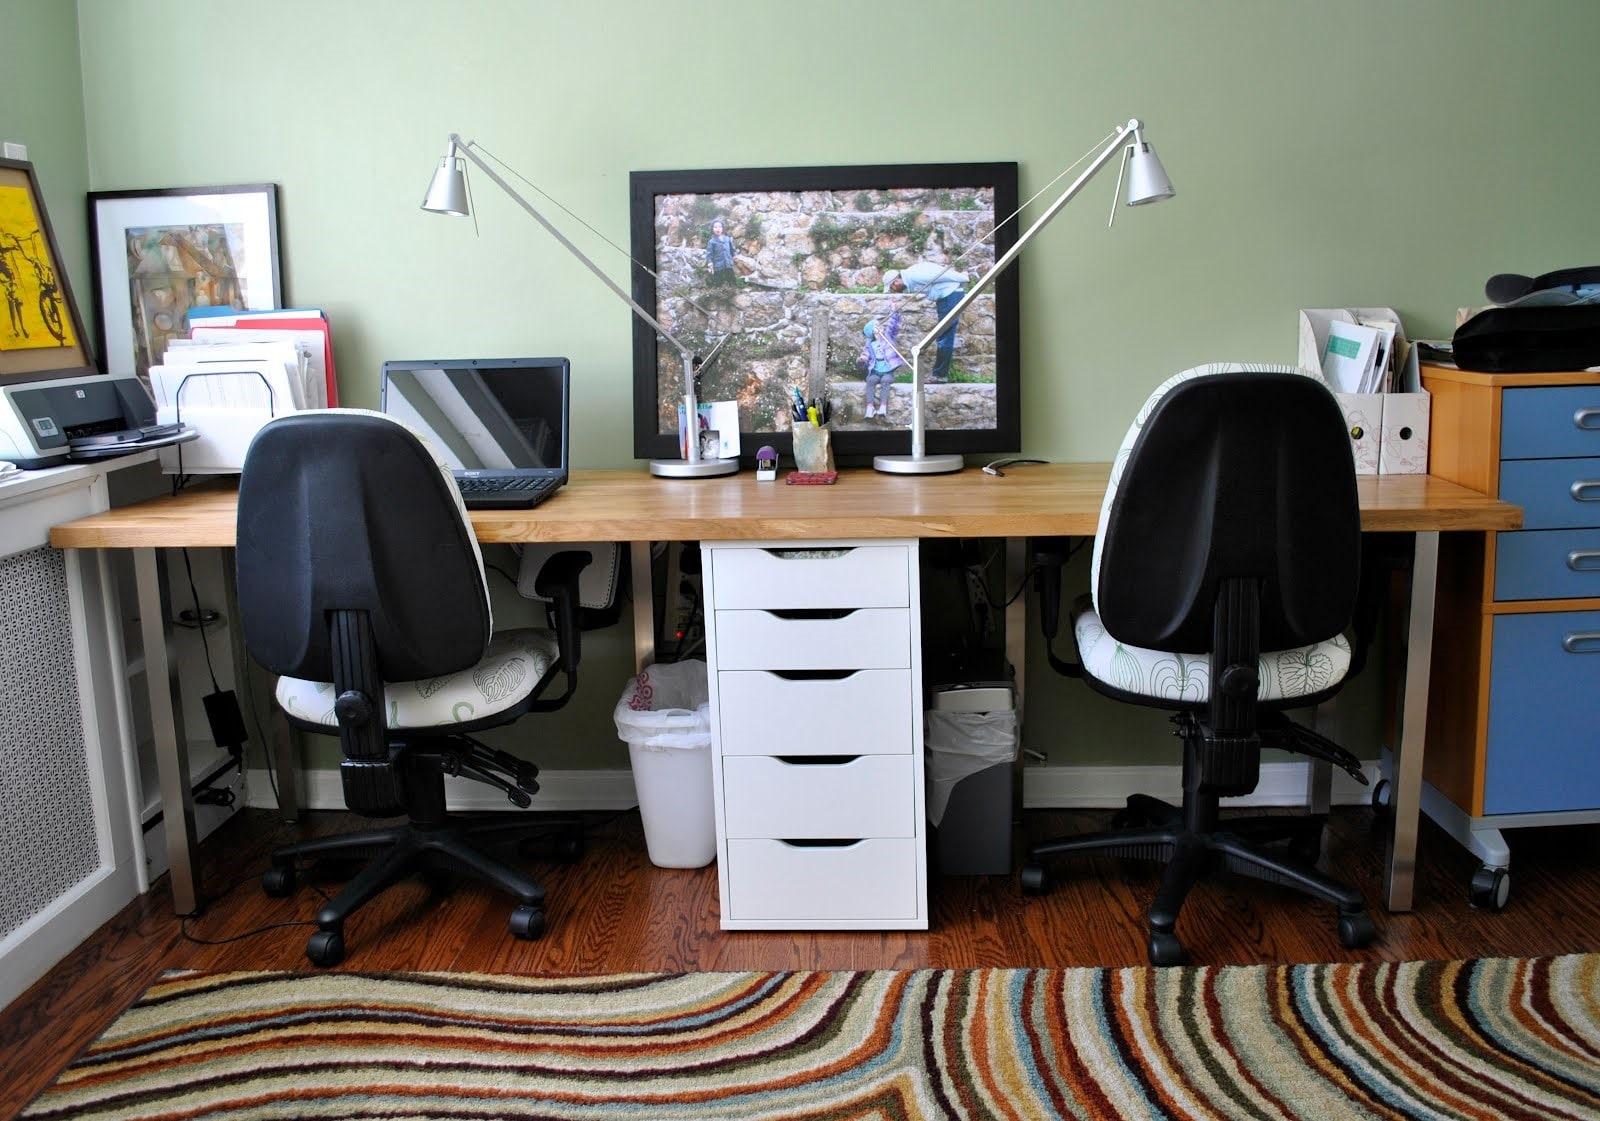 Письменный стол для двоих детей-школьников (20 фото) - реаль.